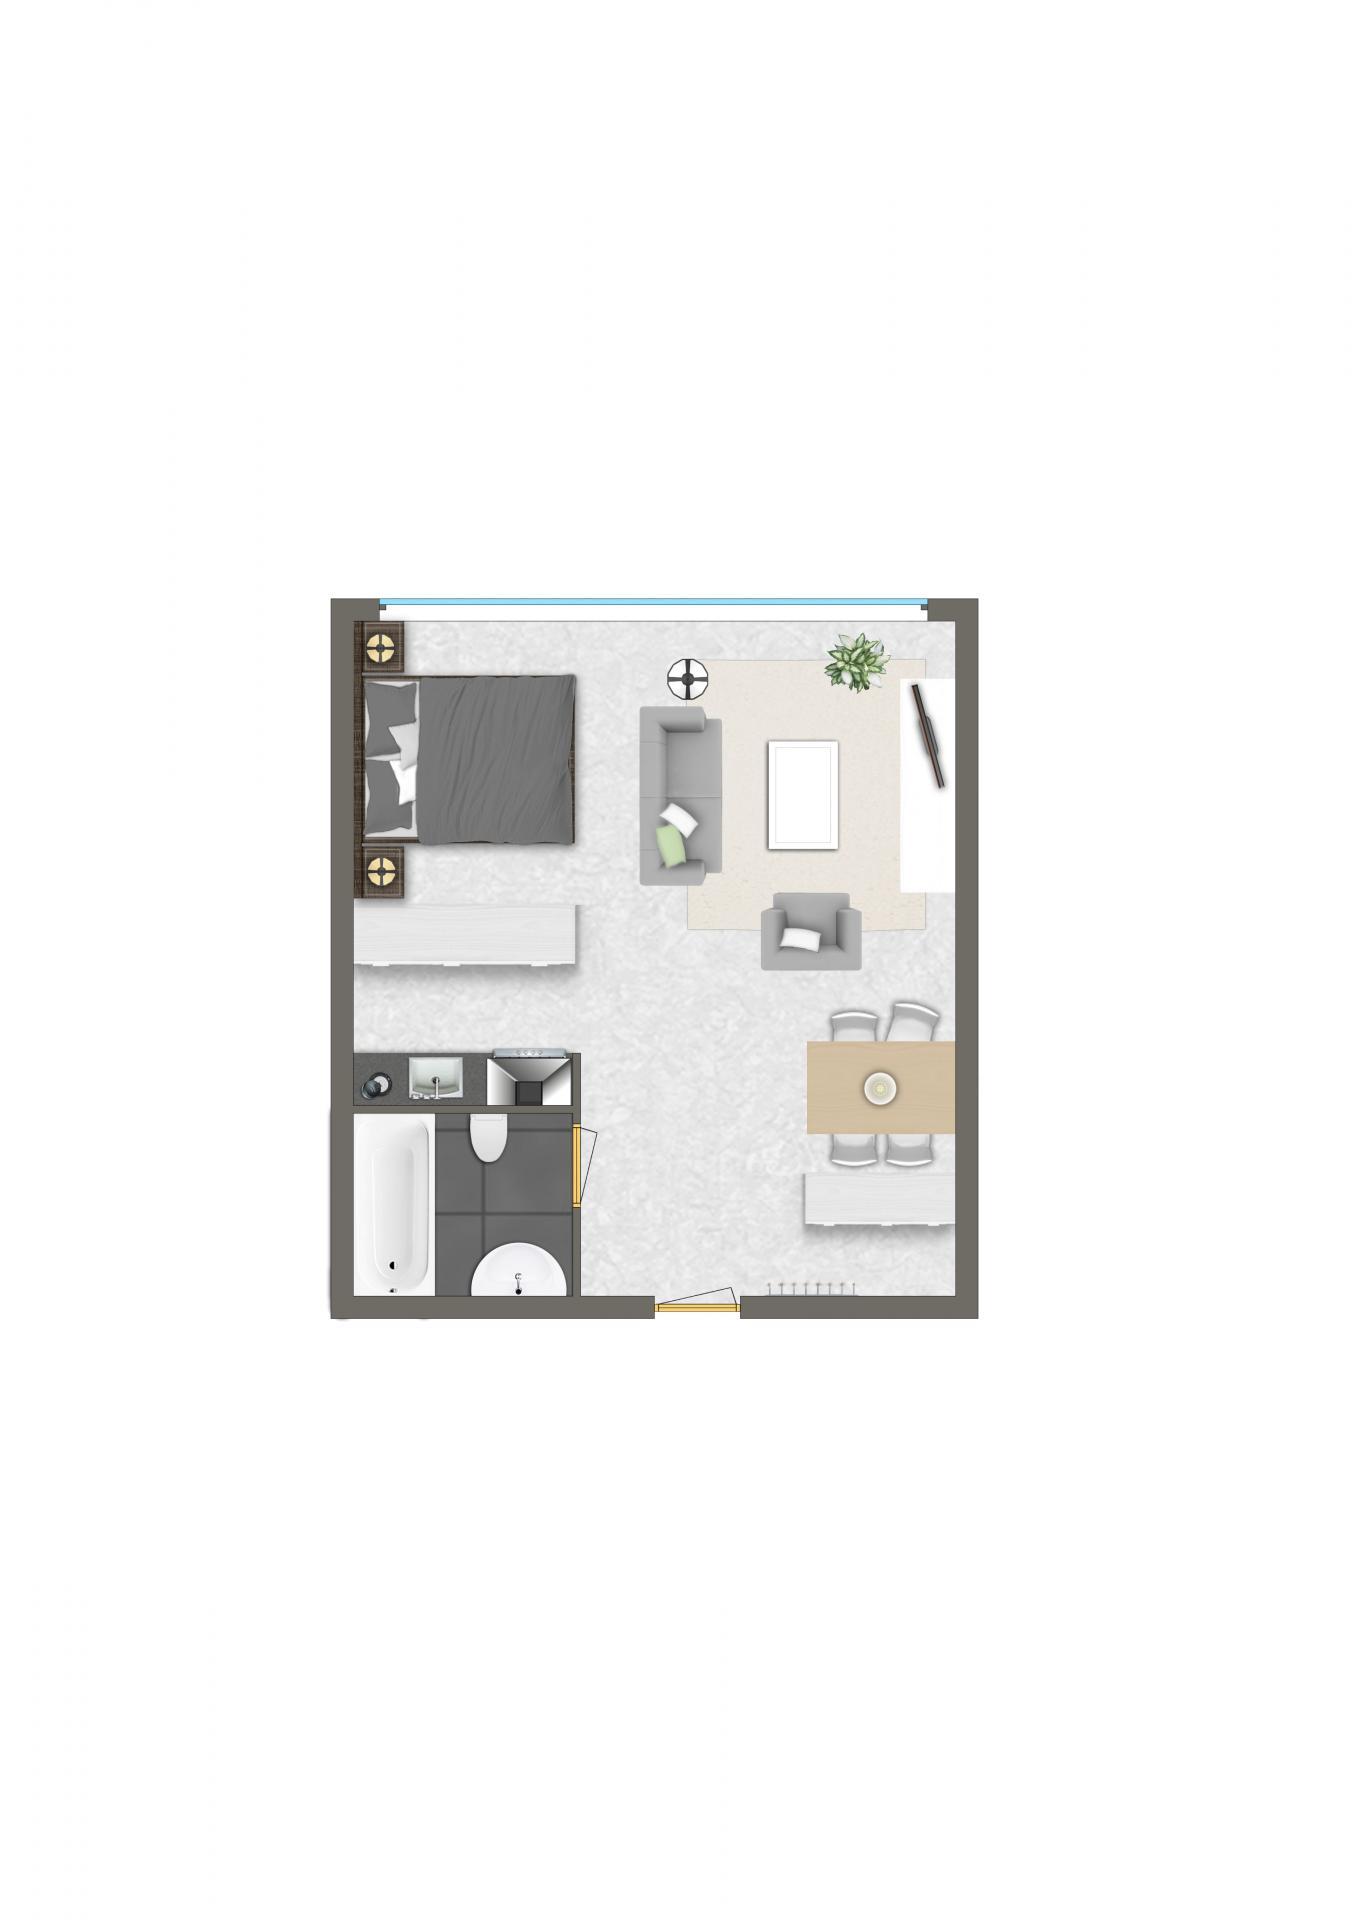 Floor plan 1 at Htel Amstelveen, Amsterdam